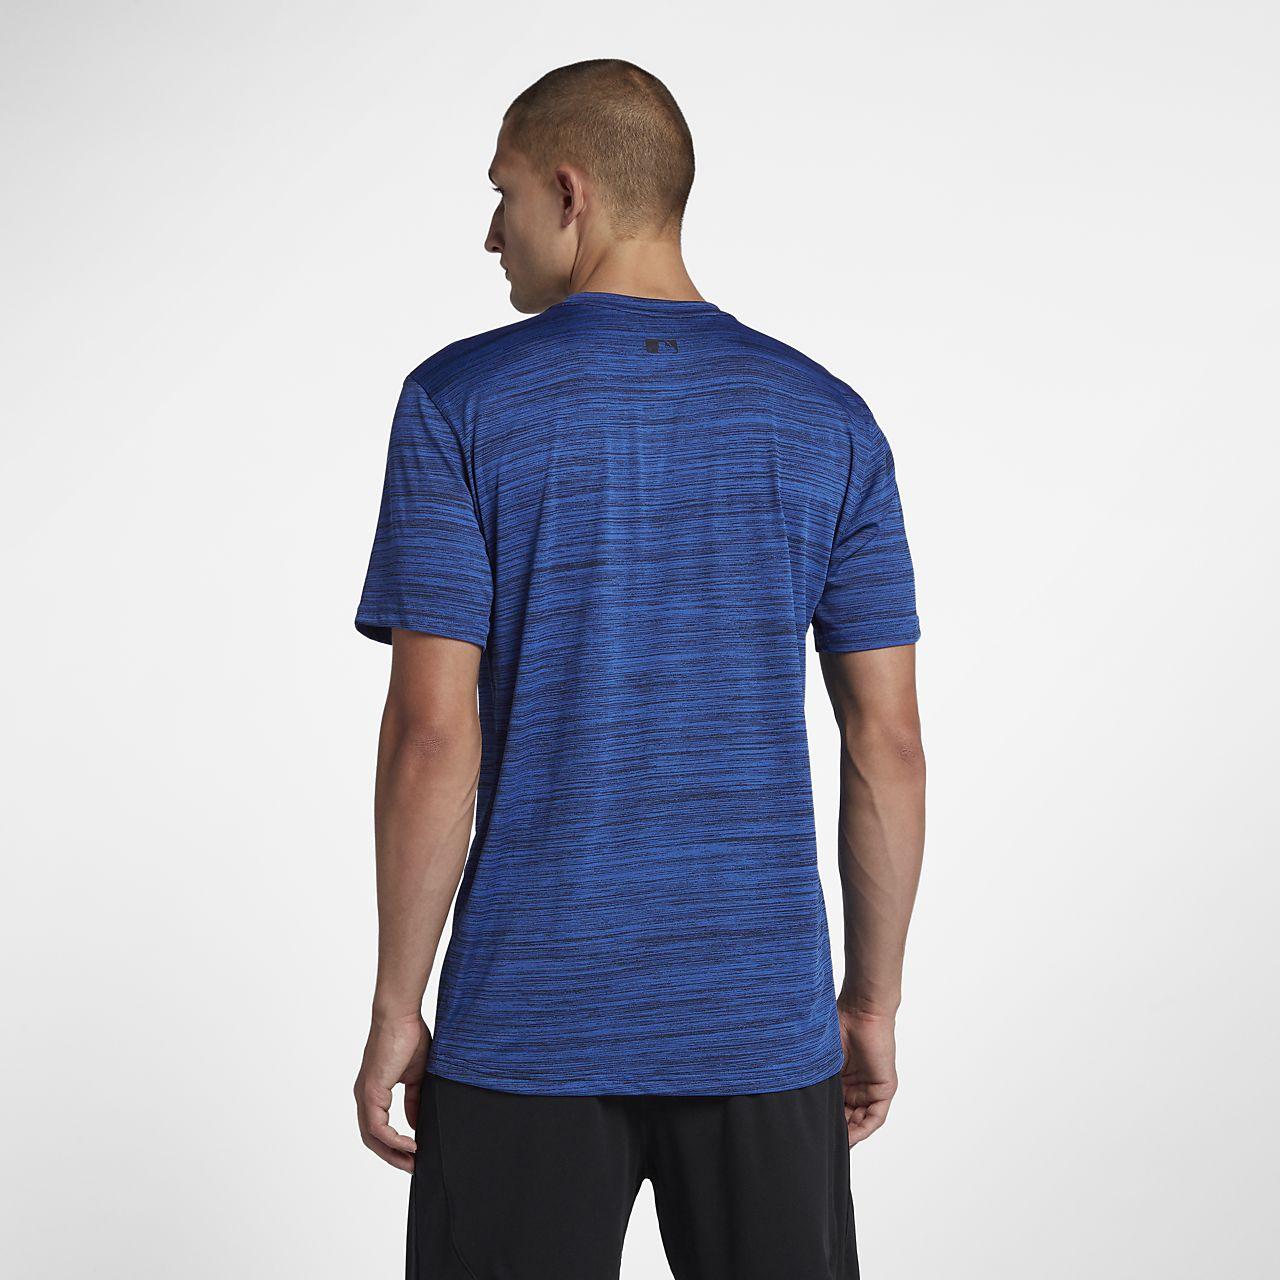 0a36be62e1 Nike Dri-FIT Men's Baseball T-Shirt. Nike.com